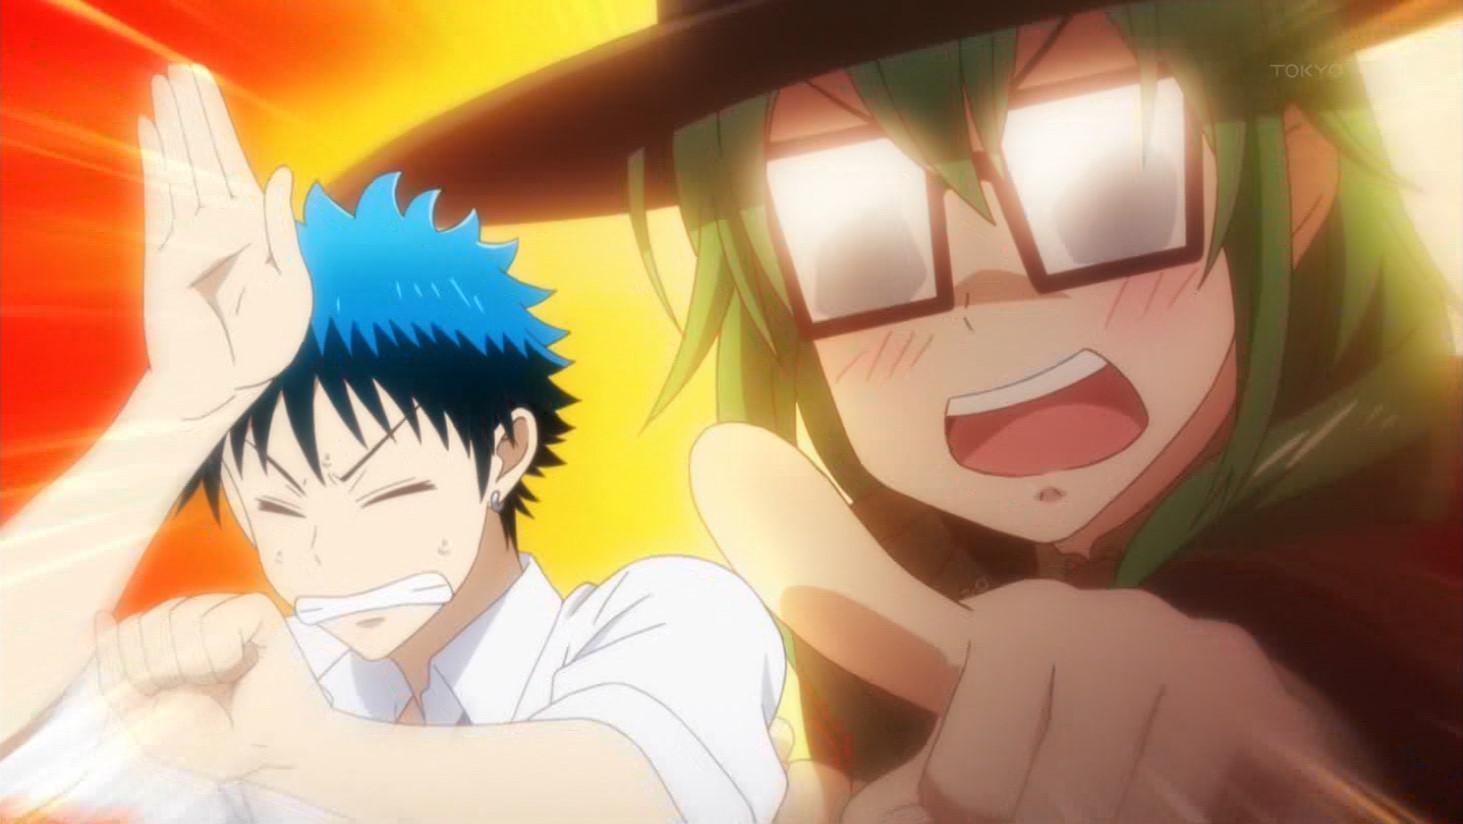 なんだその敬礼は! #yamajo #yamajo_anime #やまじょ #tokyomx http://t.co/NPtYspnY3r